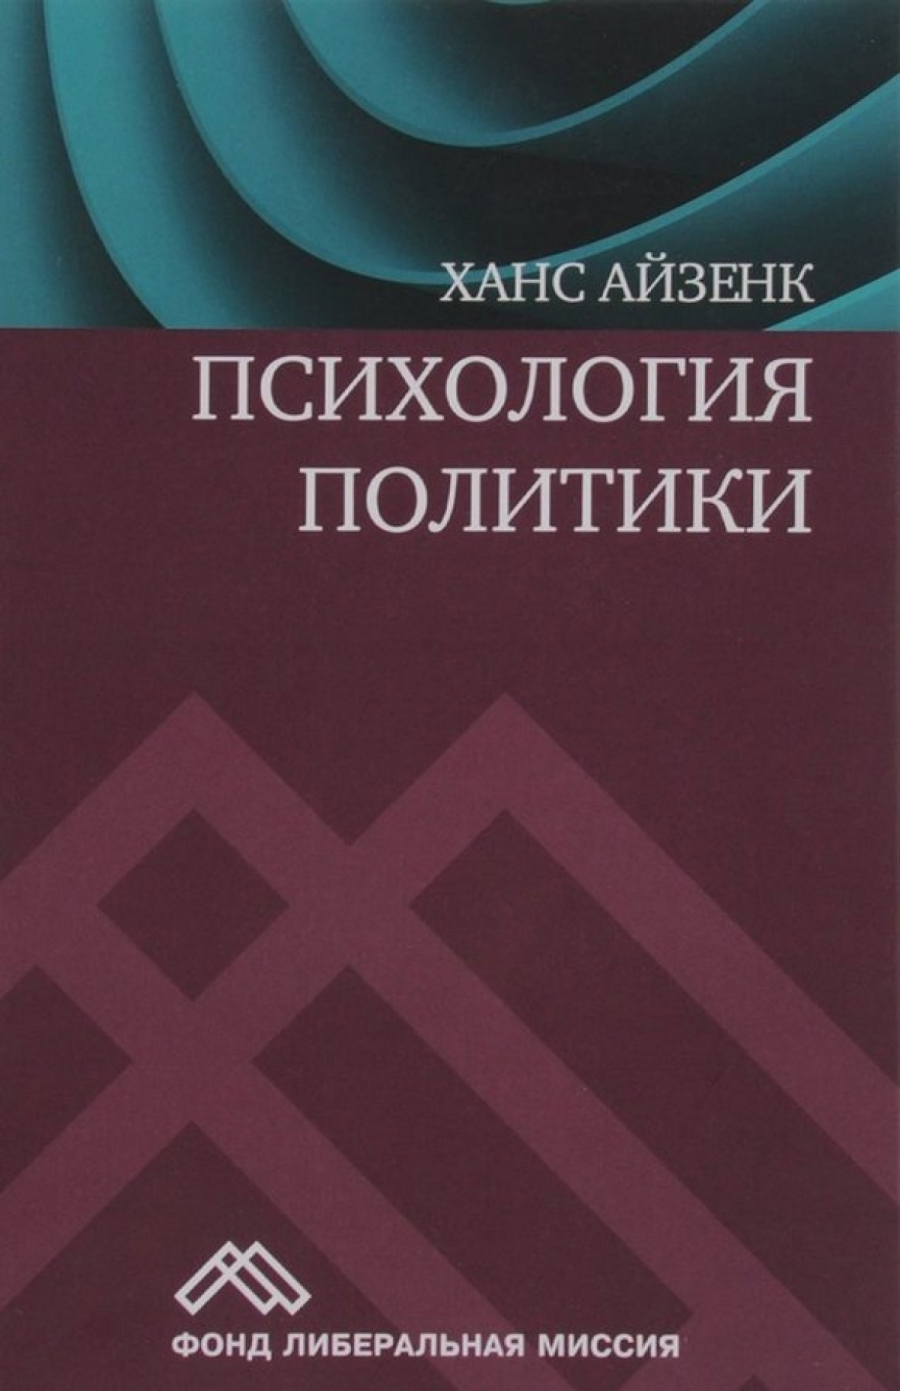 Обложка книги:  кукатас ч. - либеральный архипелаг. теория разнообразия и свободы